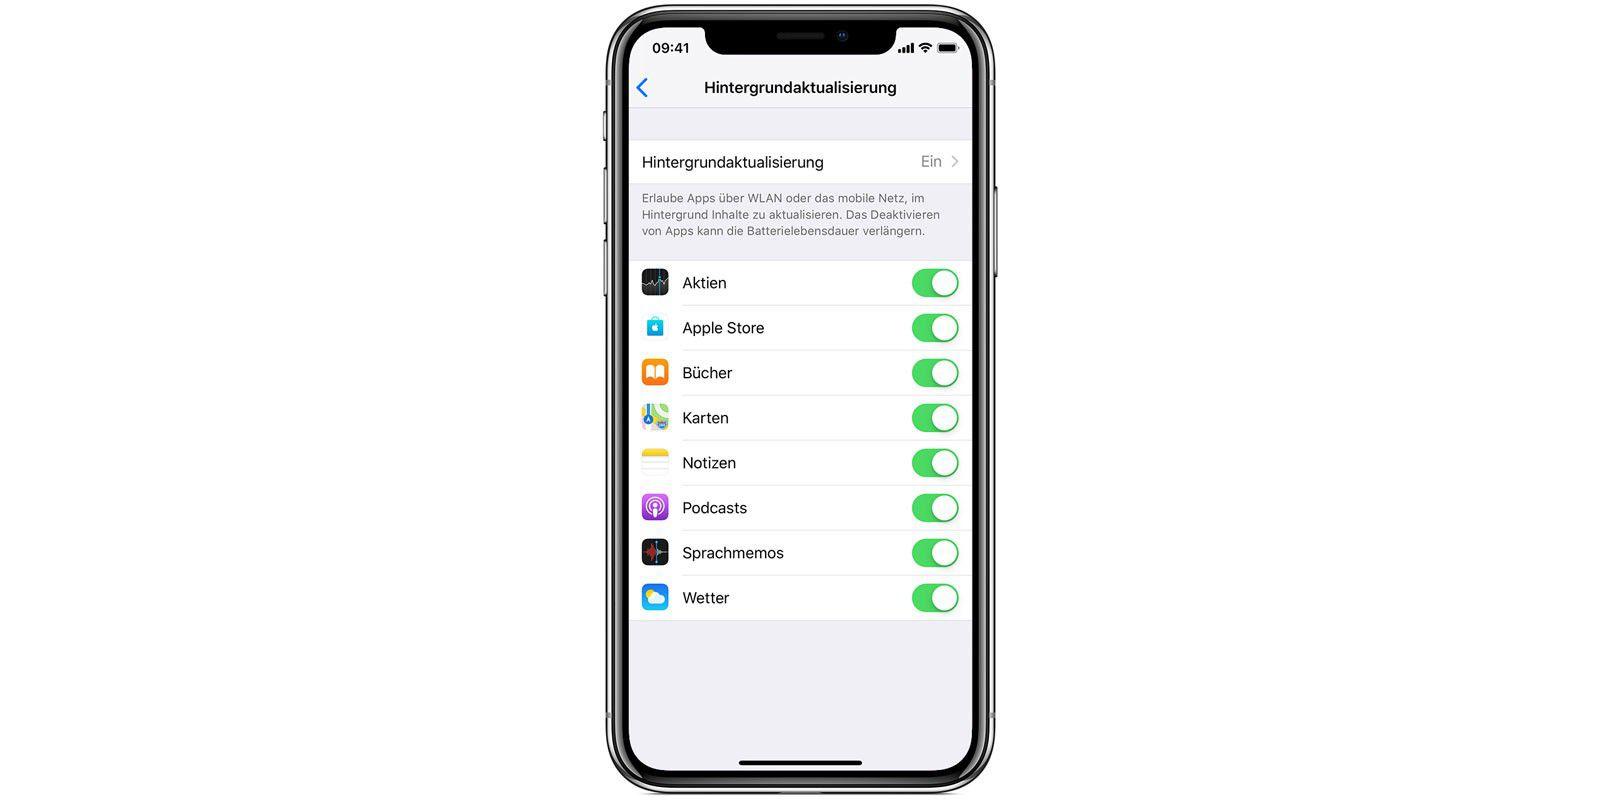 iphone datenverkehr überwachen